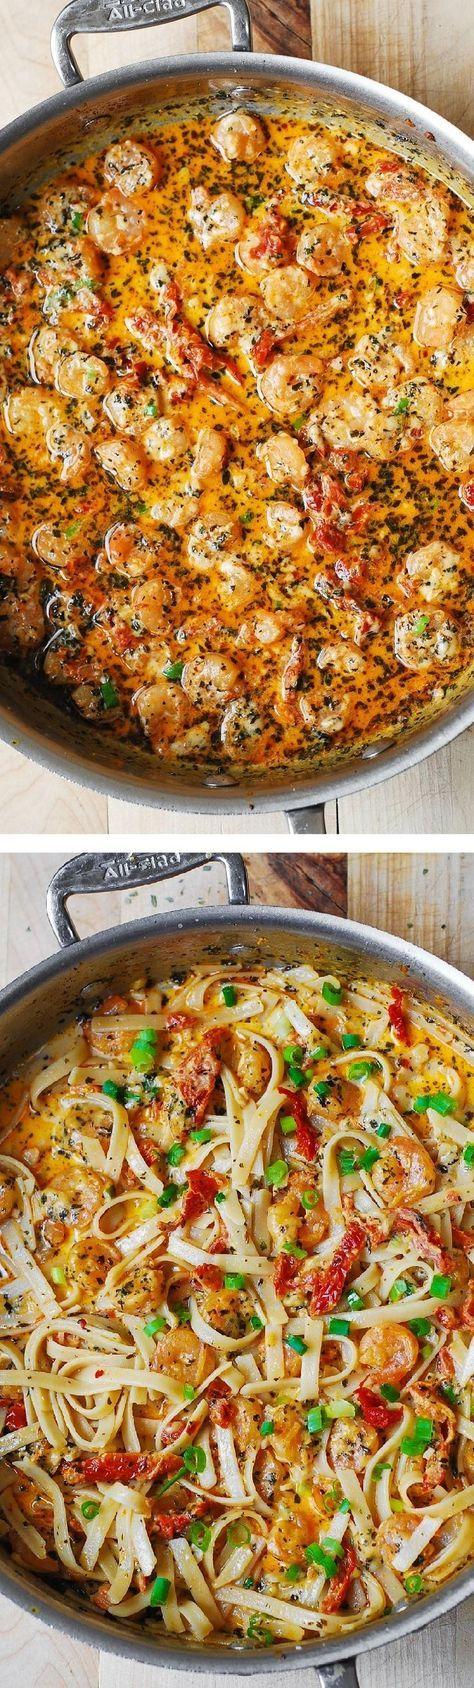 Knoblauch Garnelen und Sonnengetrocknete Tomaten mit Pasta in würzig cremigen Sauce | www.lavita.de